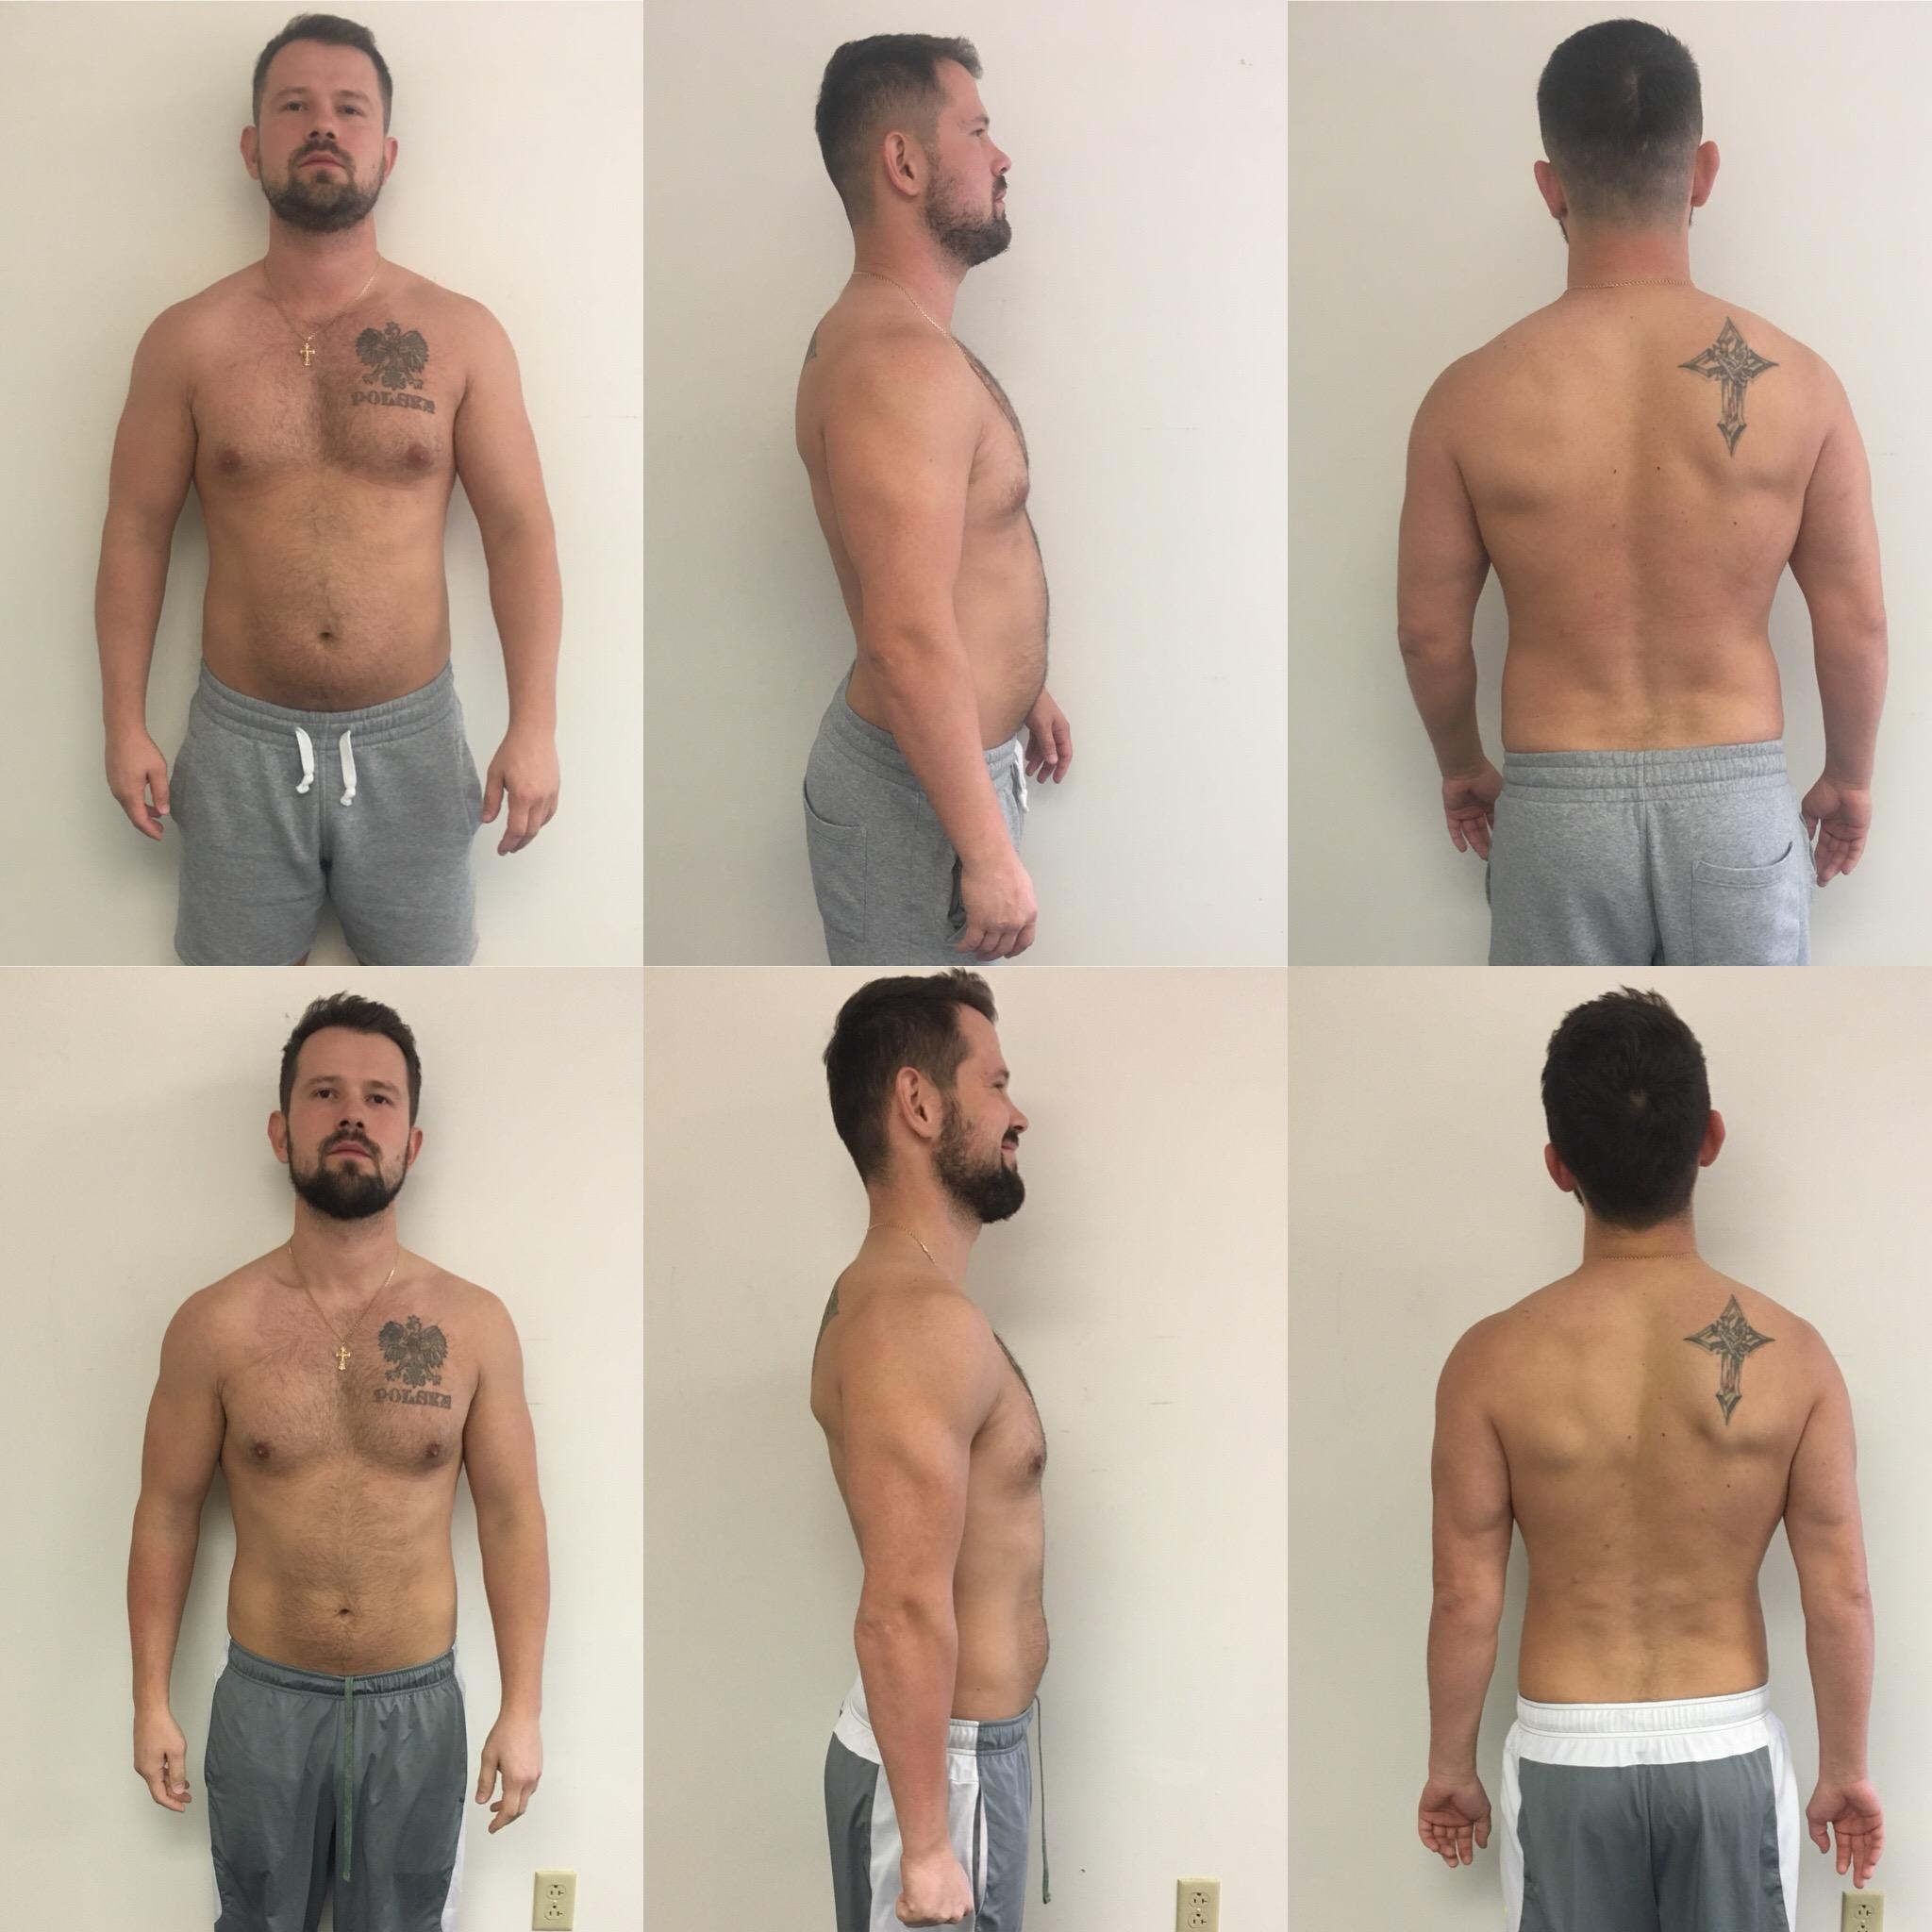 Lost 24lbs in 6 weeks!